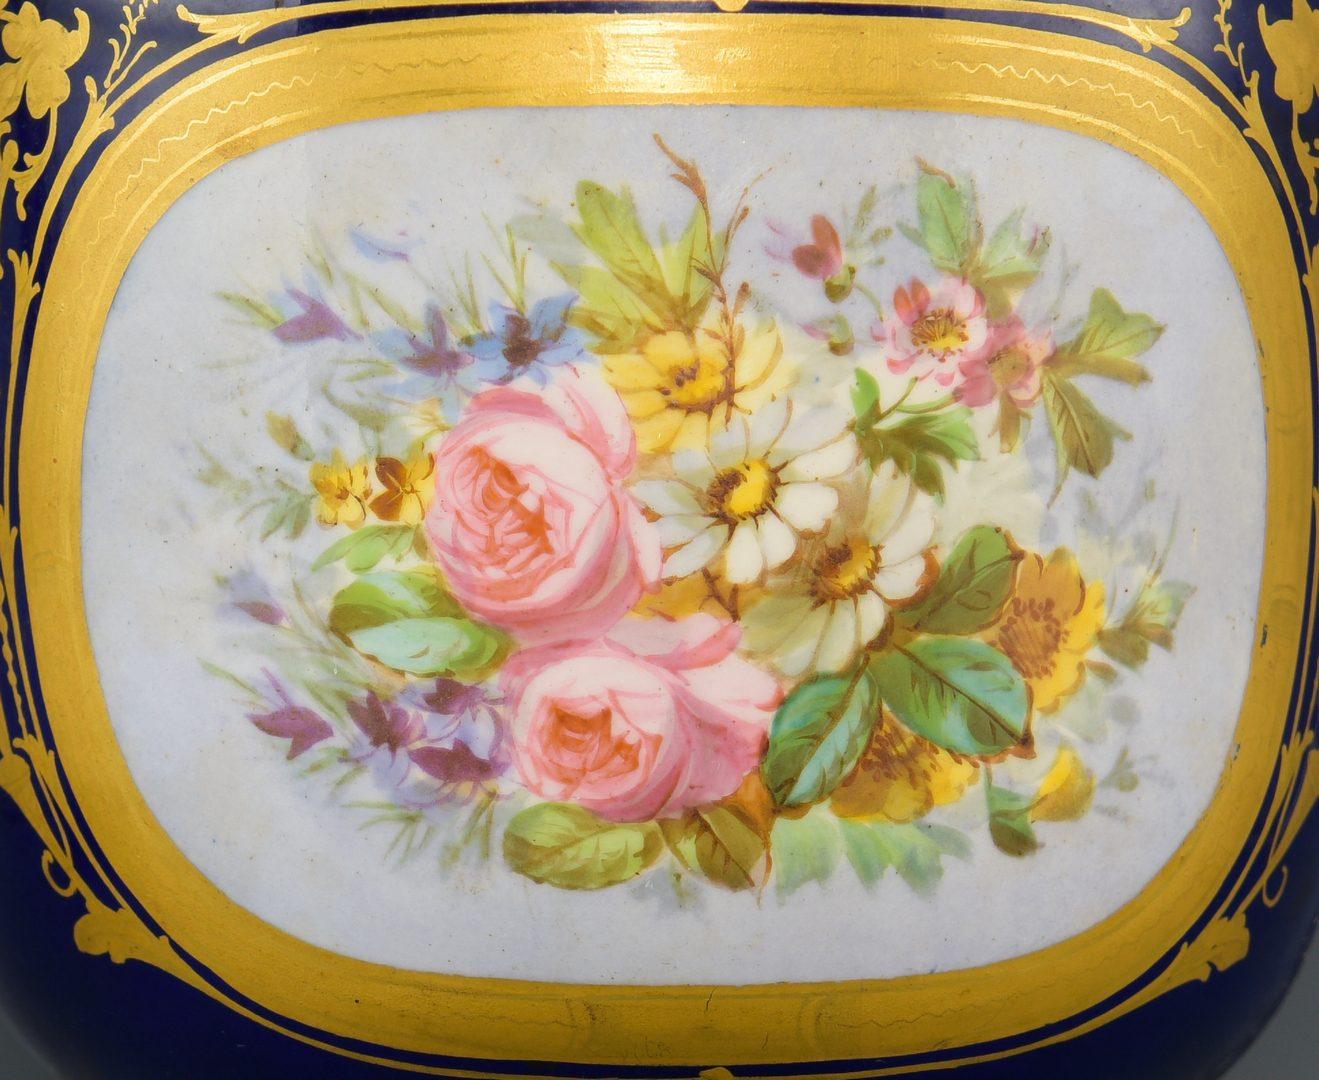 Lot 86: Pr. Sevres Gilt Mounted Porcelain Urns